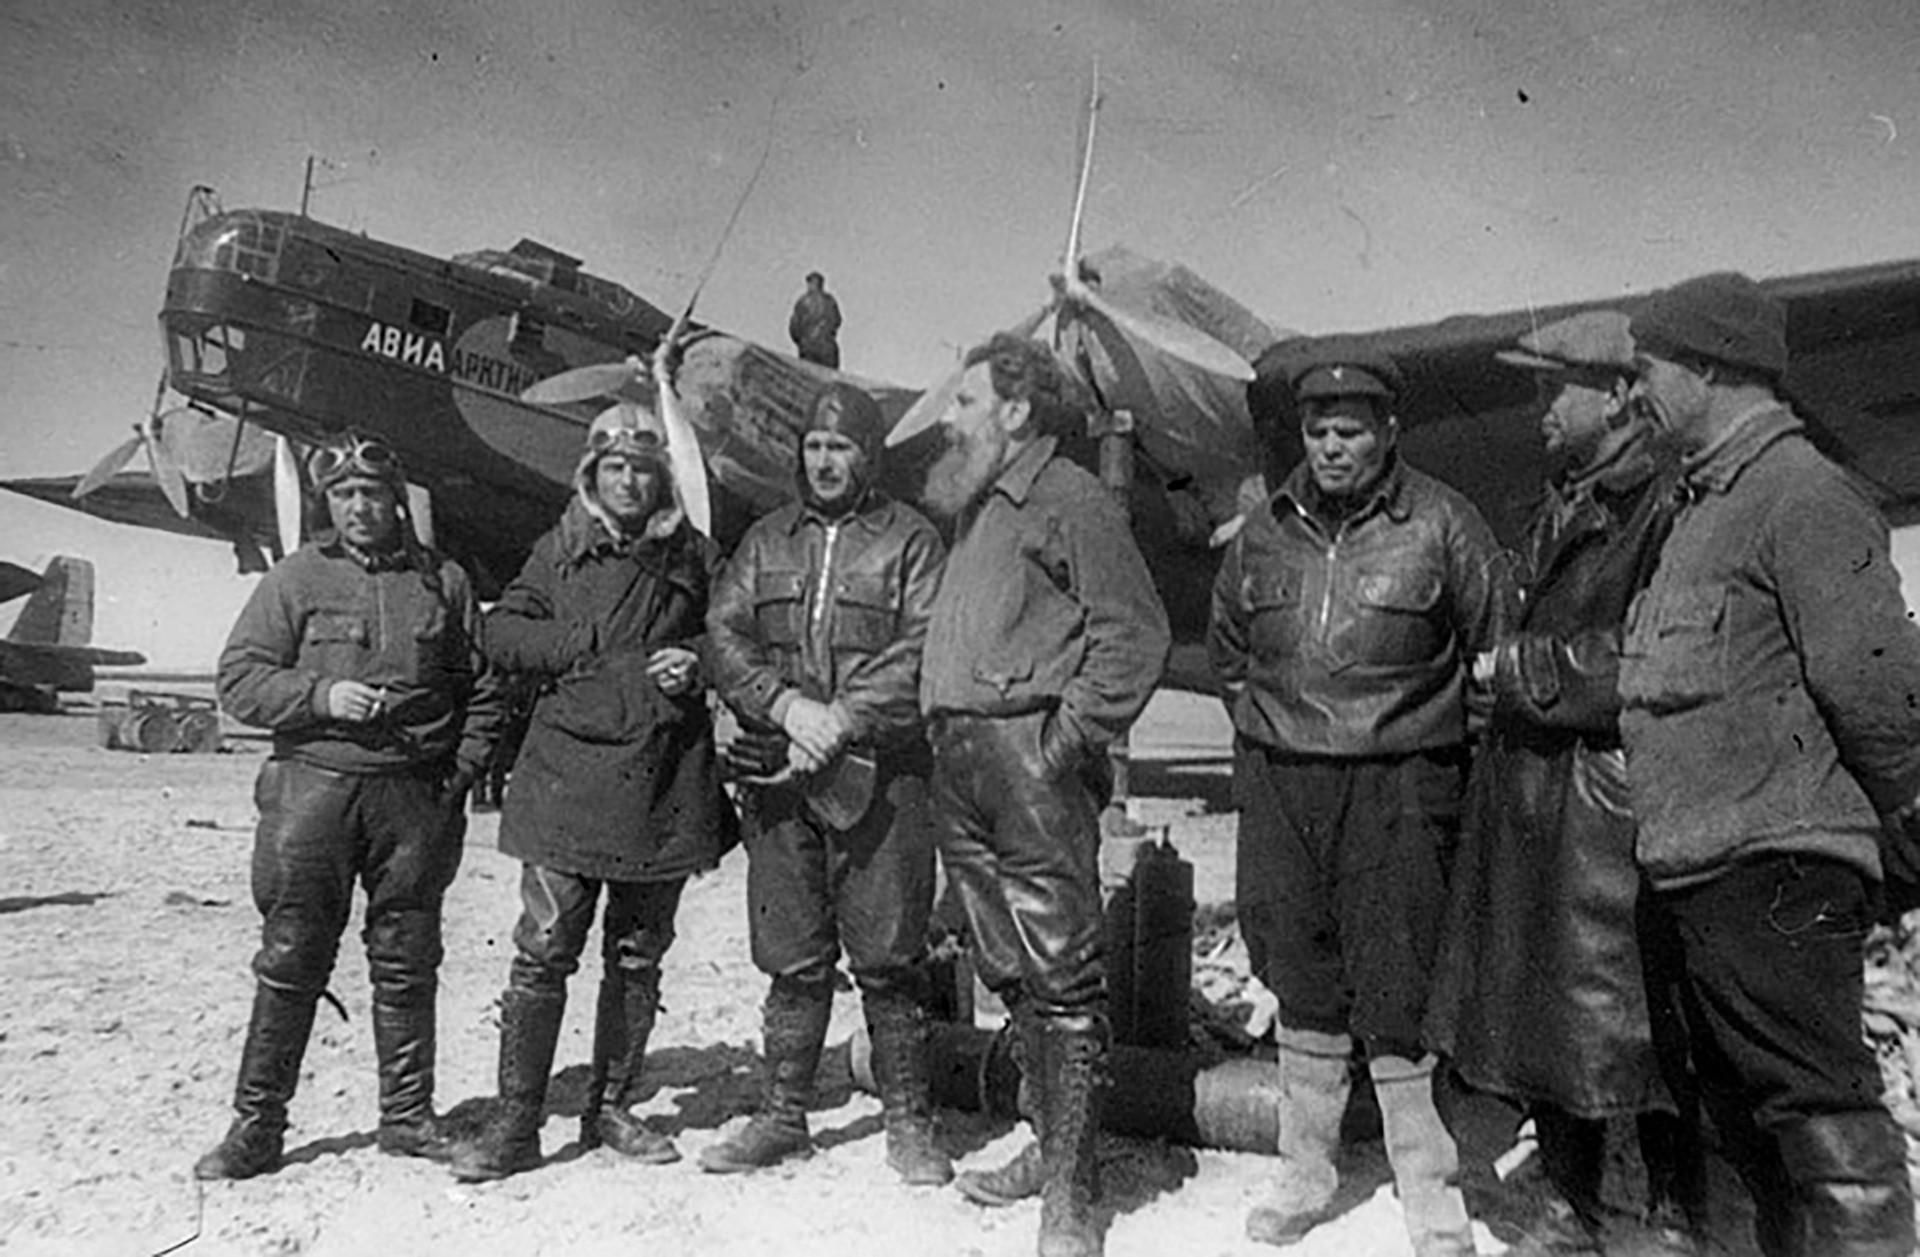 Člani odprave Severni pol 1, heroji Sovjetske zveze: I. T. Siprin, M. I. Ševeljov, M. S. Babuškin, M. V. Vodopjanov, A. D. Aleksejev, V. S. Molokov